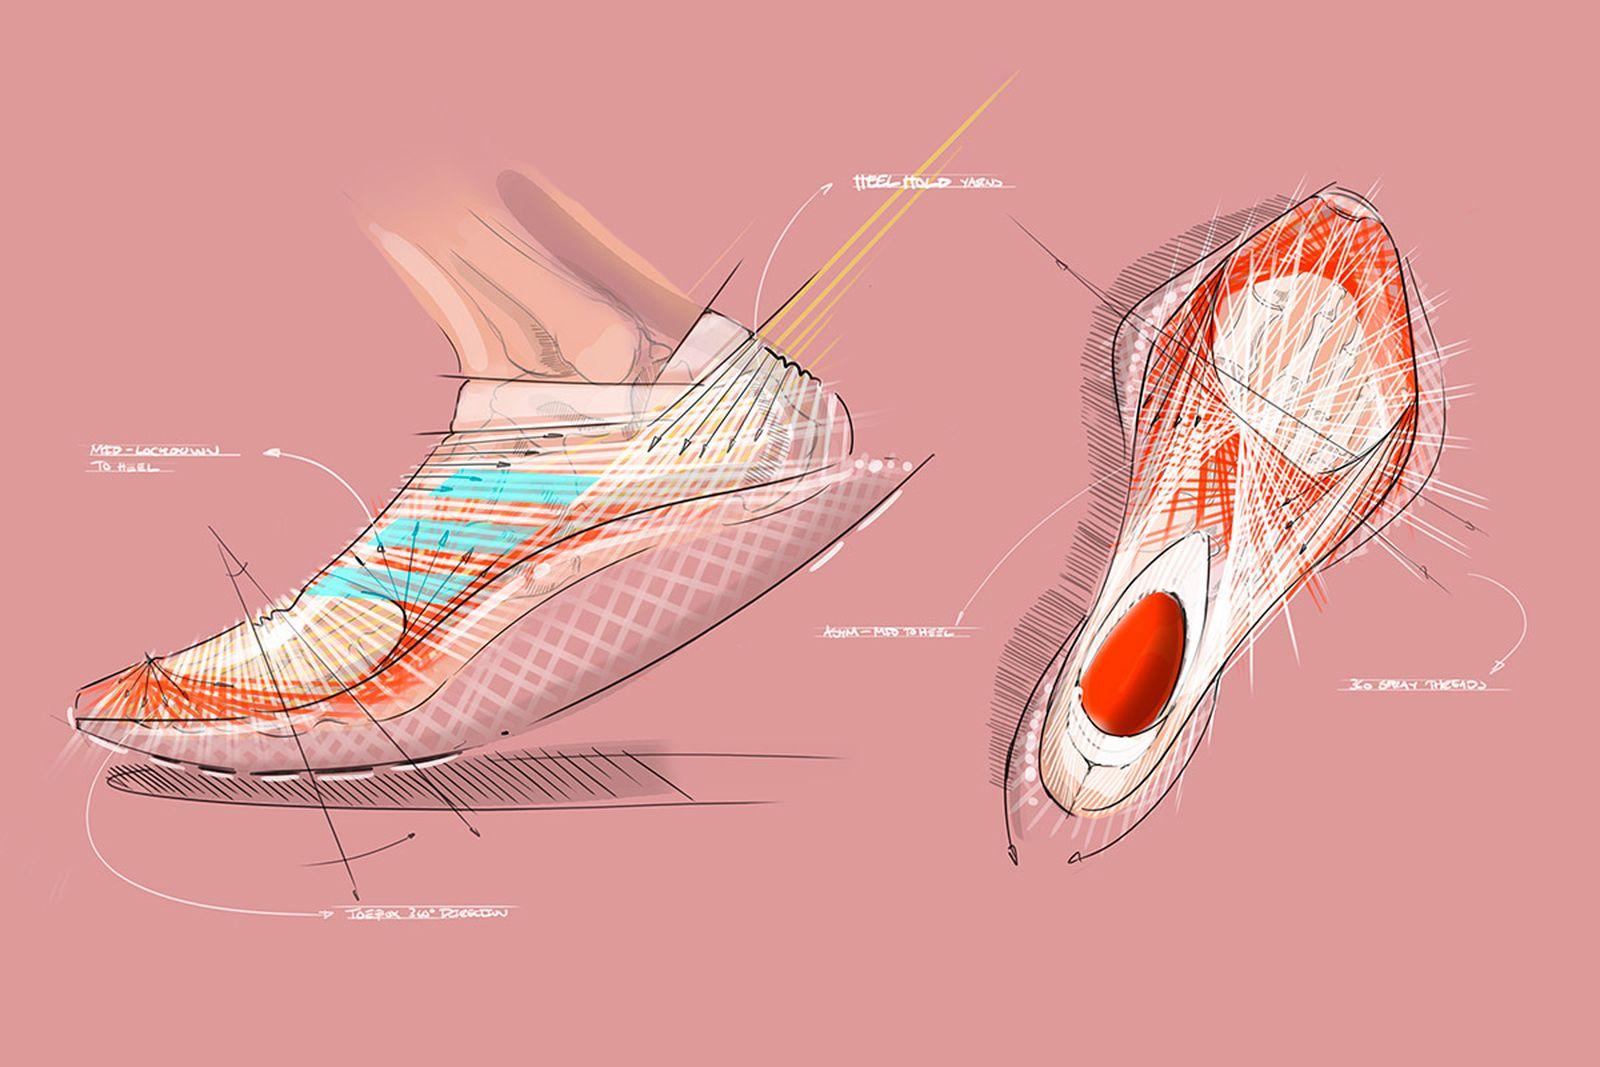 adidas-futurecraft-strung-deep-dive-interview-015